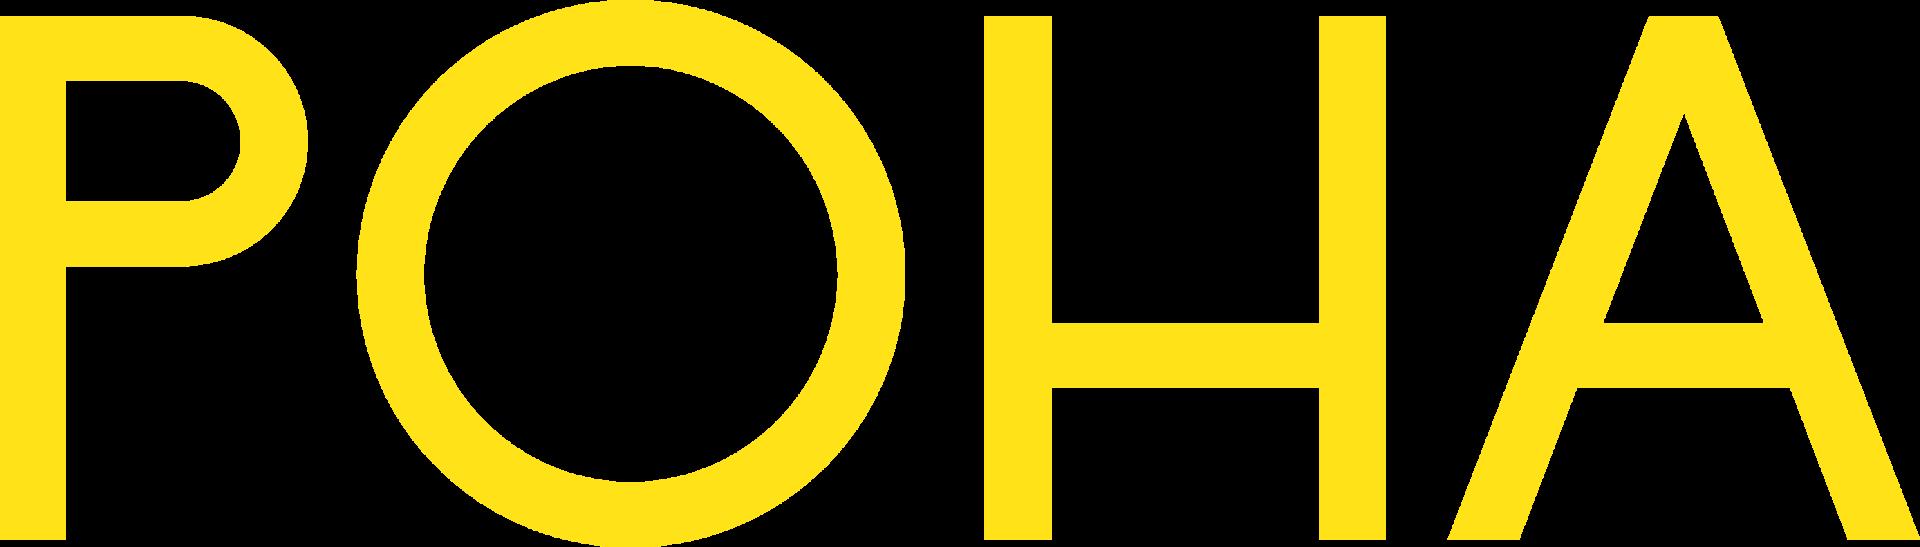 POHA-Logos-Final-17.png